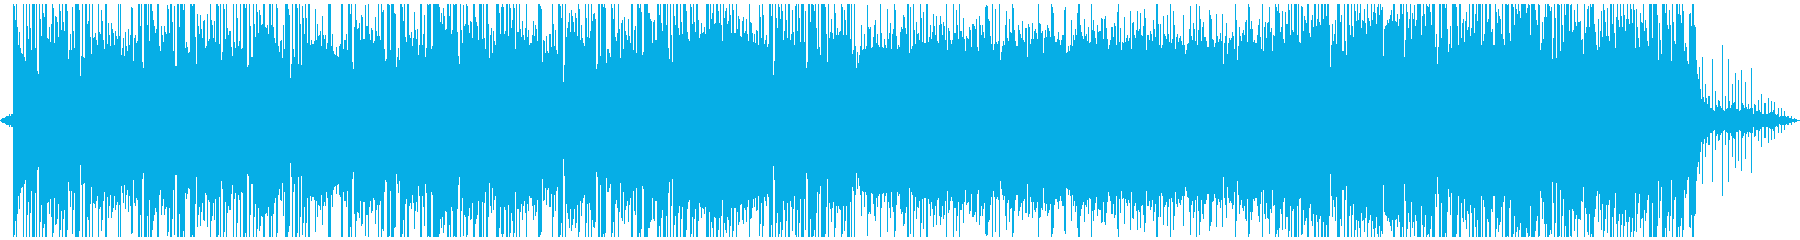 ハウス ダンス プログレッシブ ア...の再生済みの波形